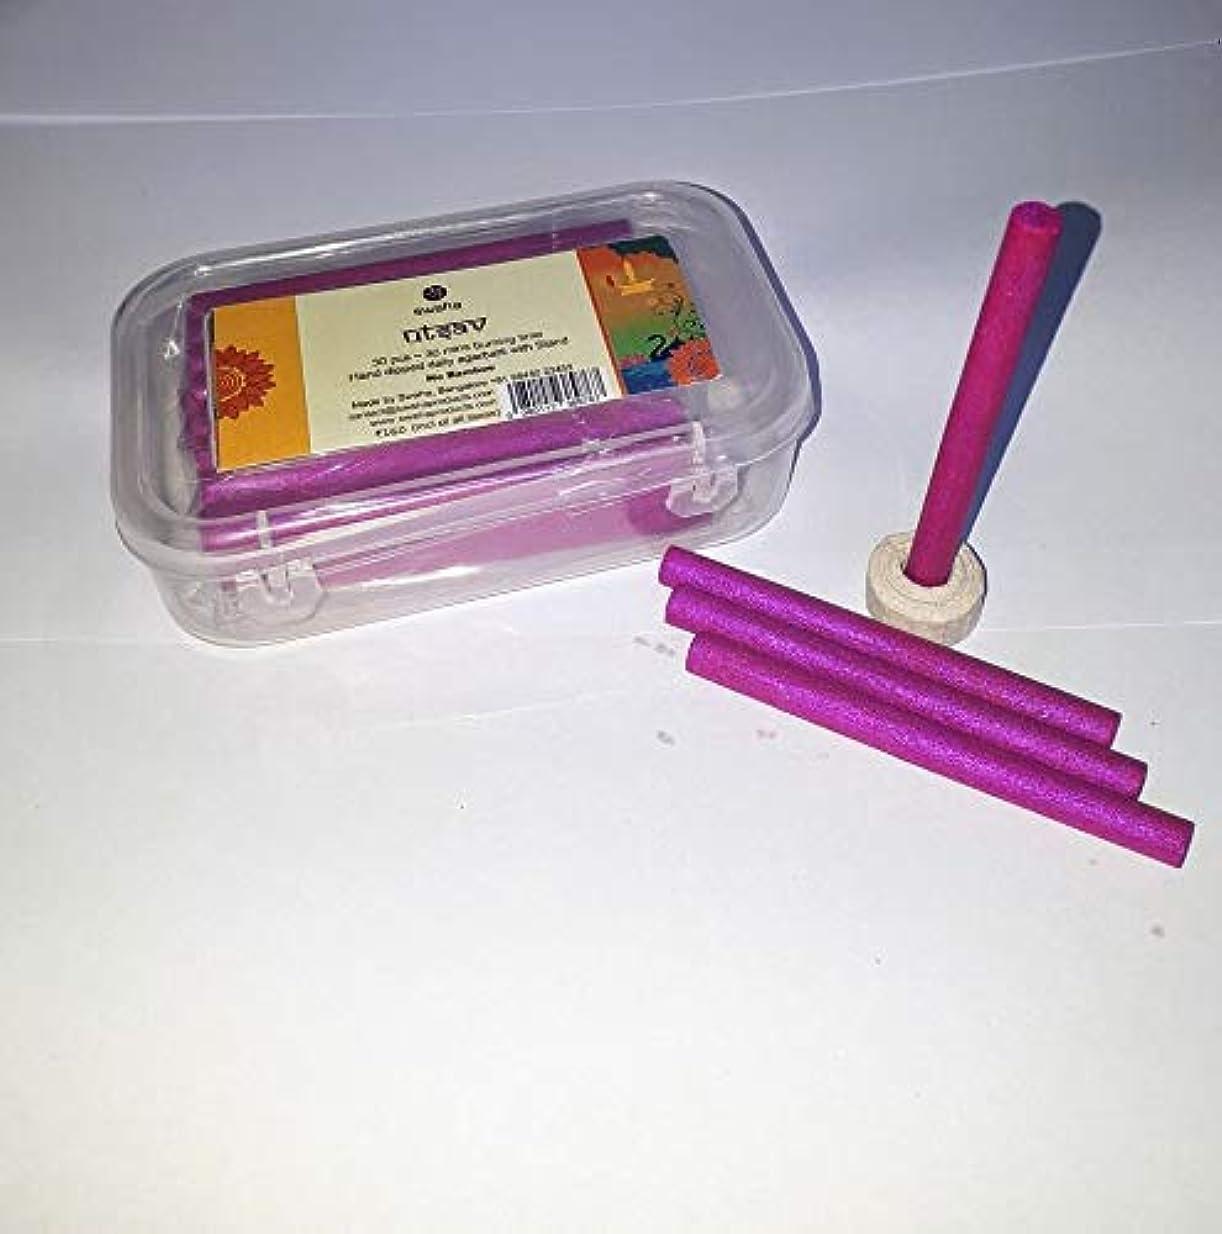 敏感なパラダイス近々Swaha Utsav Cylindrical Incense Sticks (7.5 cm x 1 cm x 1 cm, Pink, Set of 30)